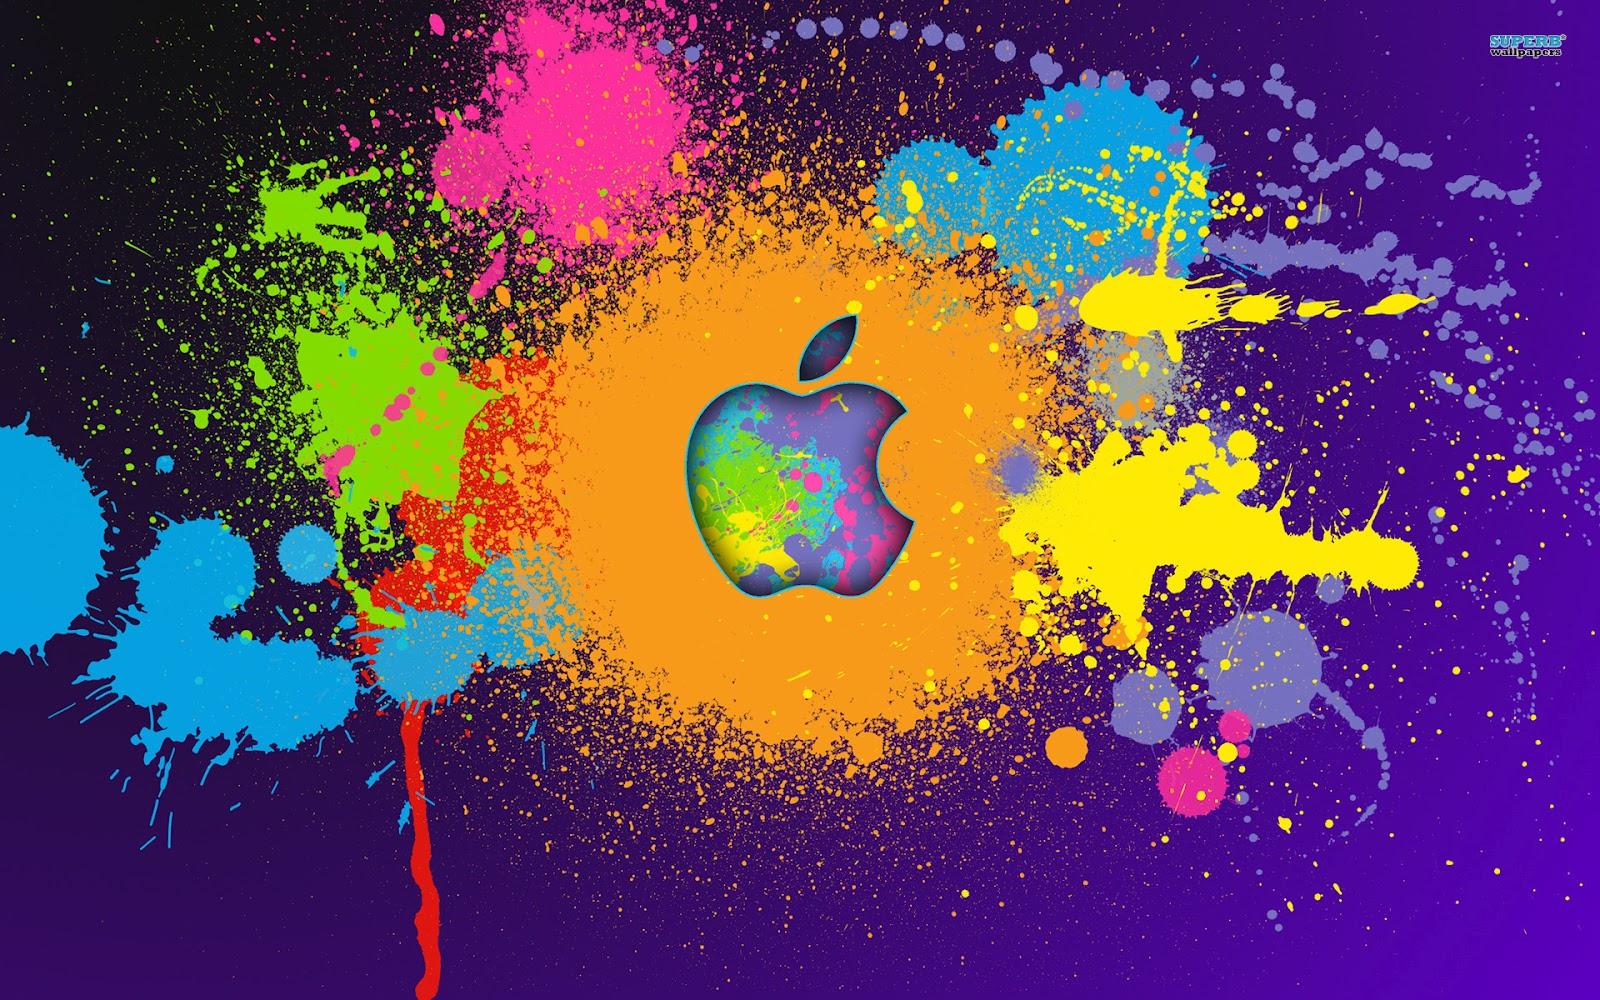 http://2.bp.blogspot.com/-1mV4oCeP4_0/T-aO60TS7rI/AAAAAAAAAL8/h_DneXTnBsE/s1600/iphone+_Apple_Mac_OS_X_The_Best_HD_wallpapers_background+004.jpg